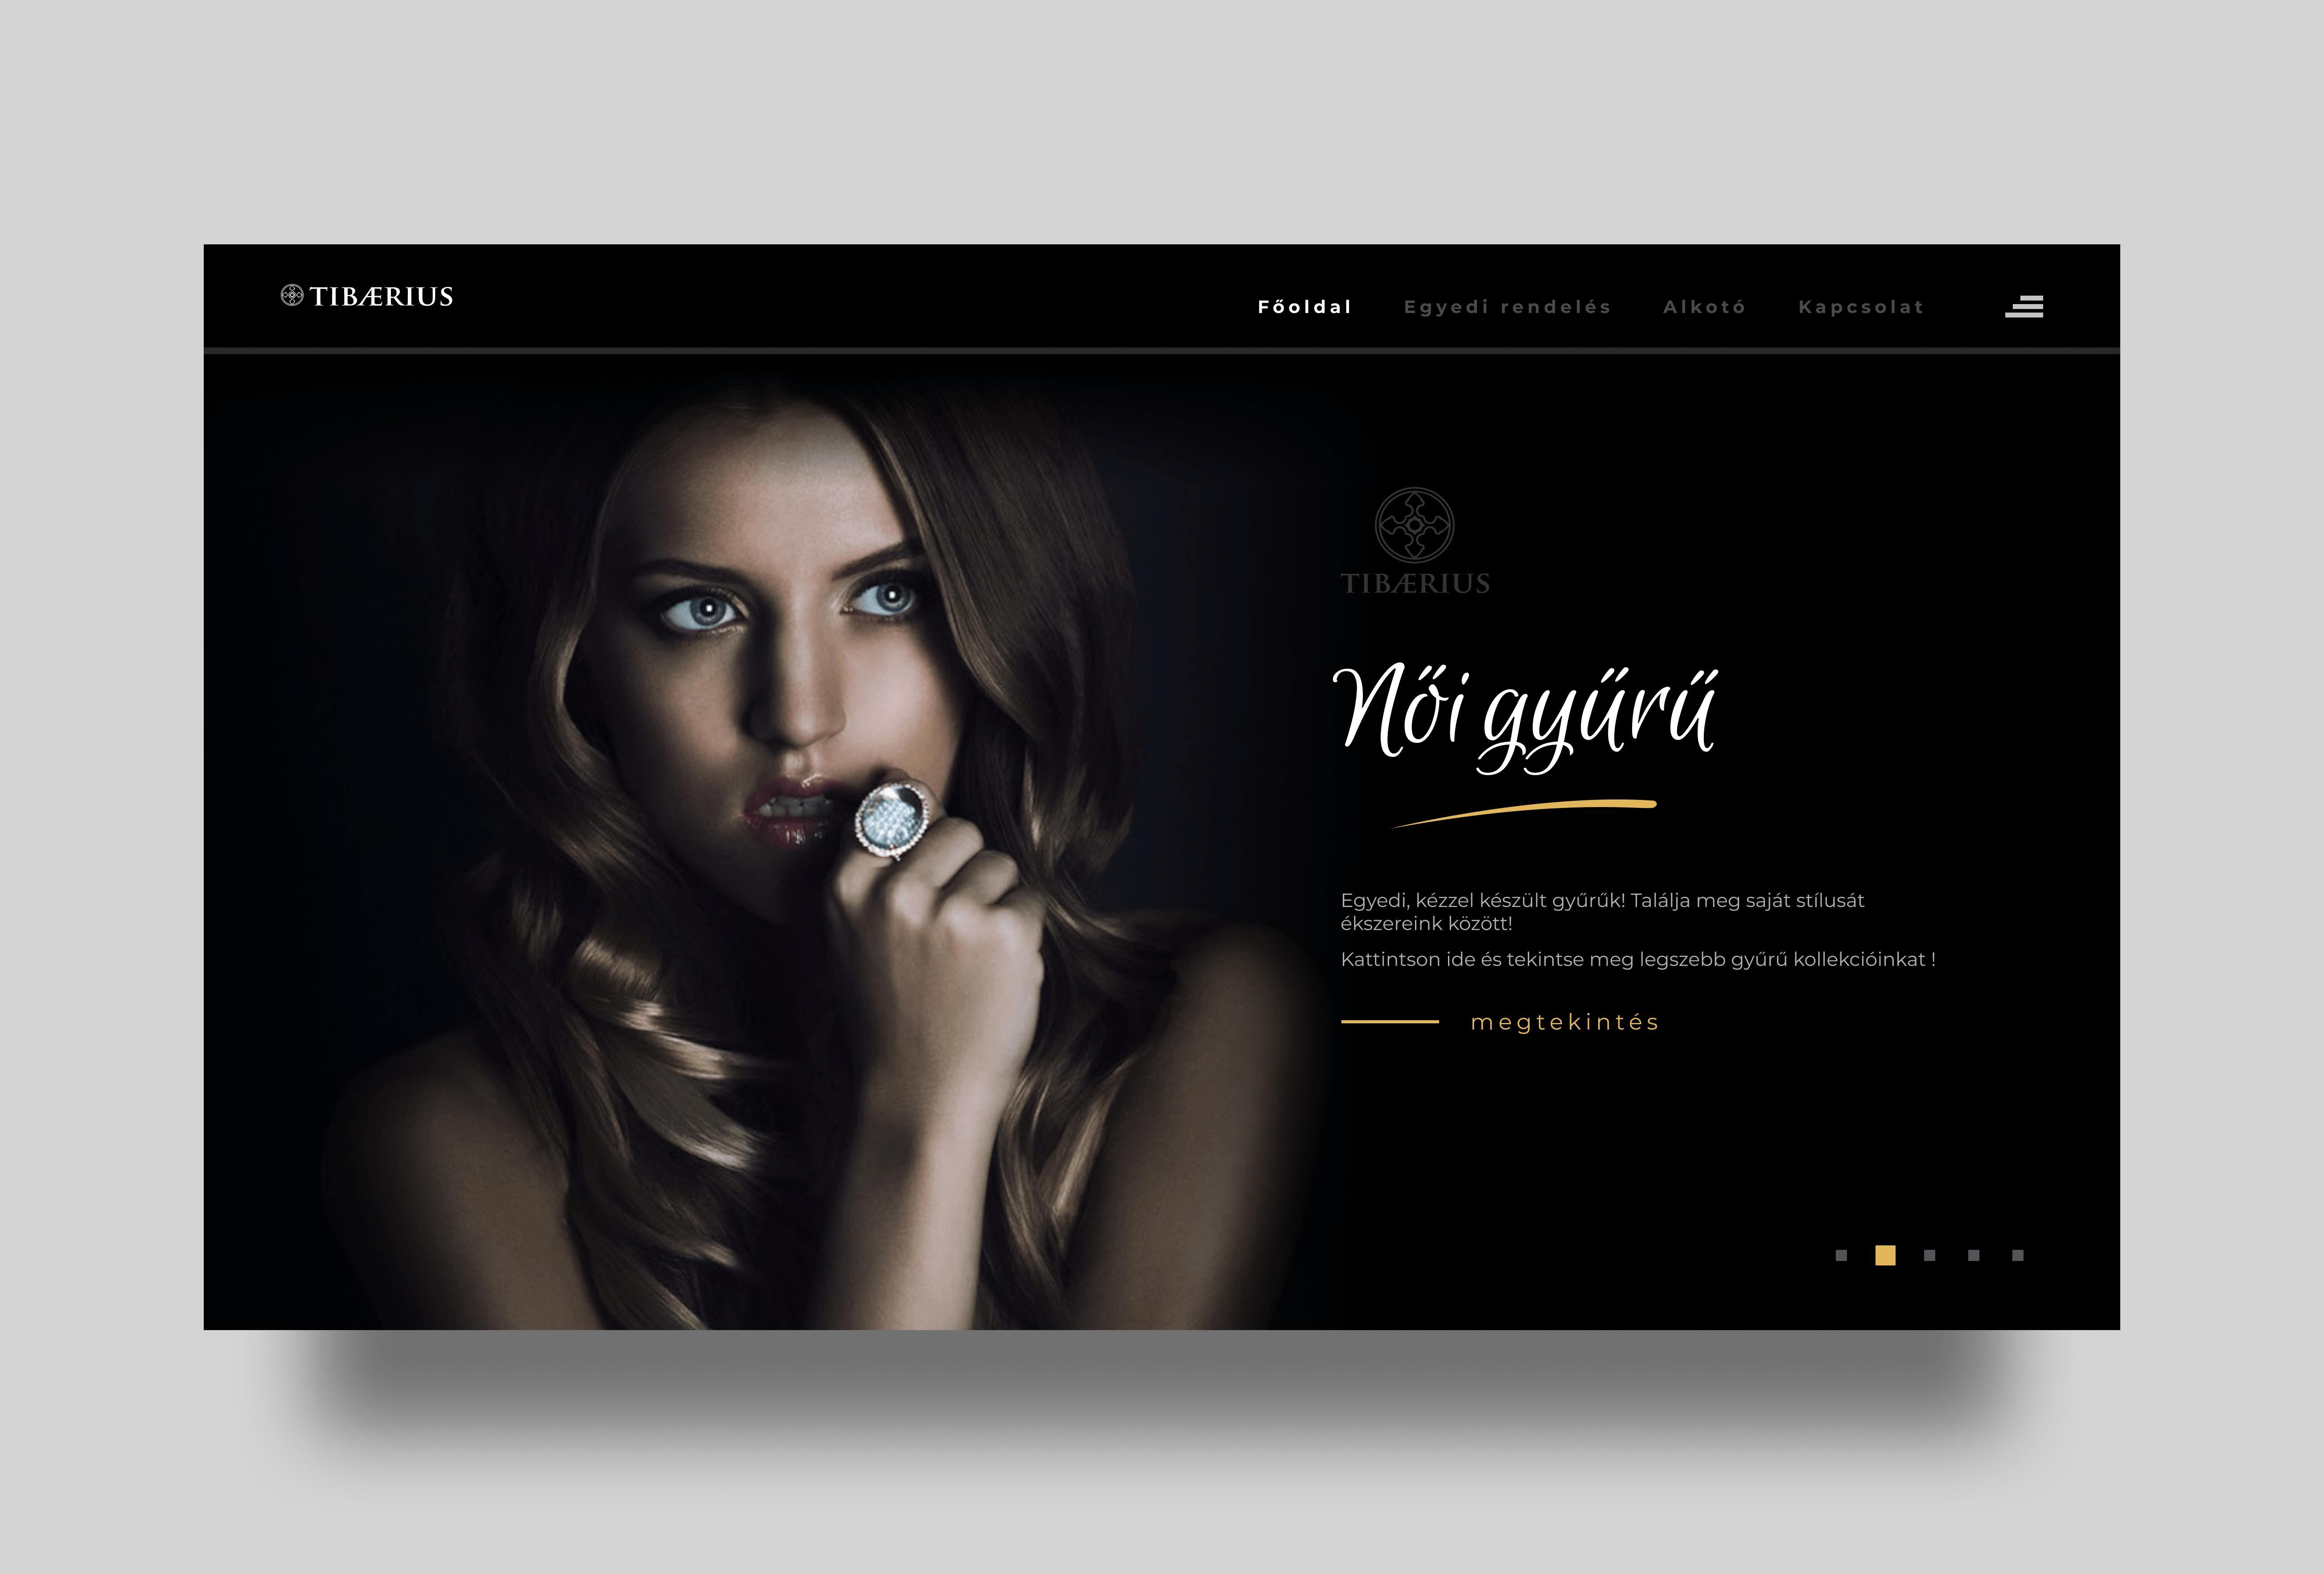 Tibaerius webshop